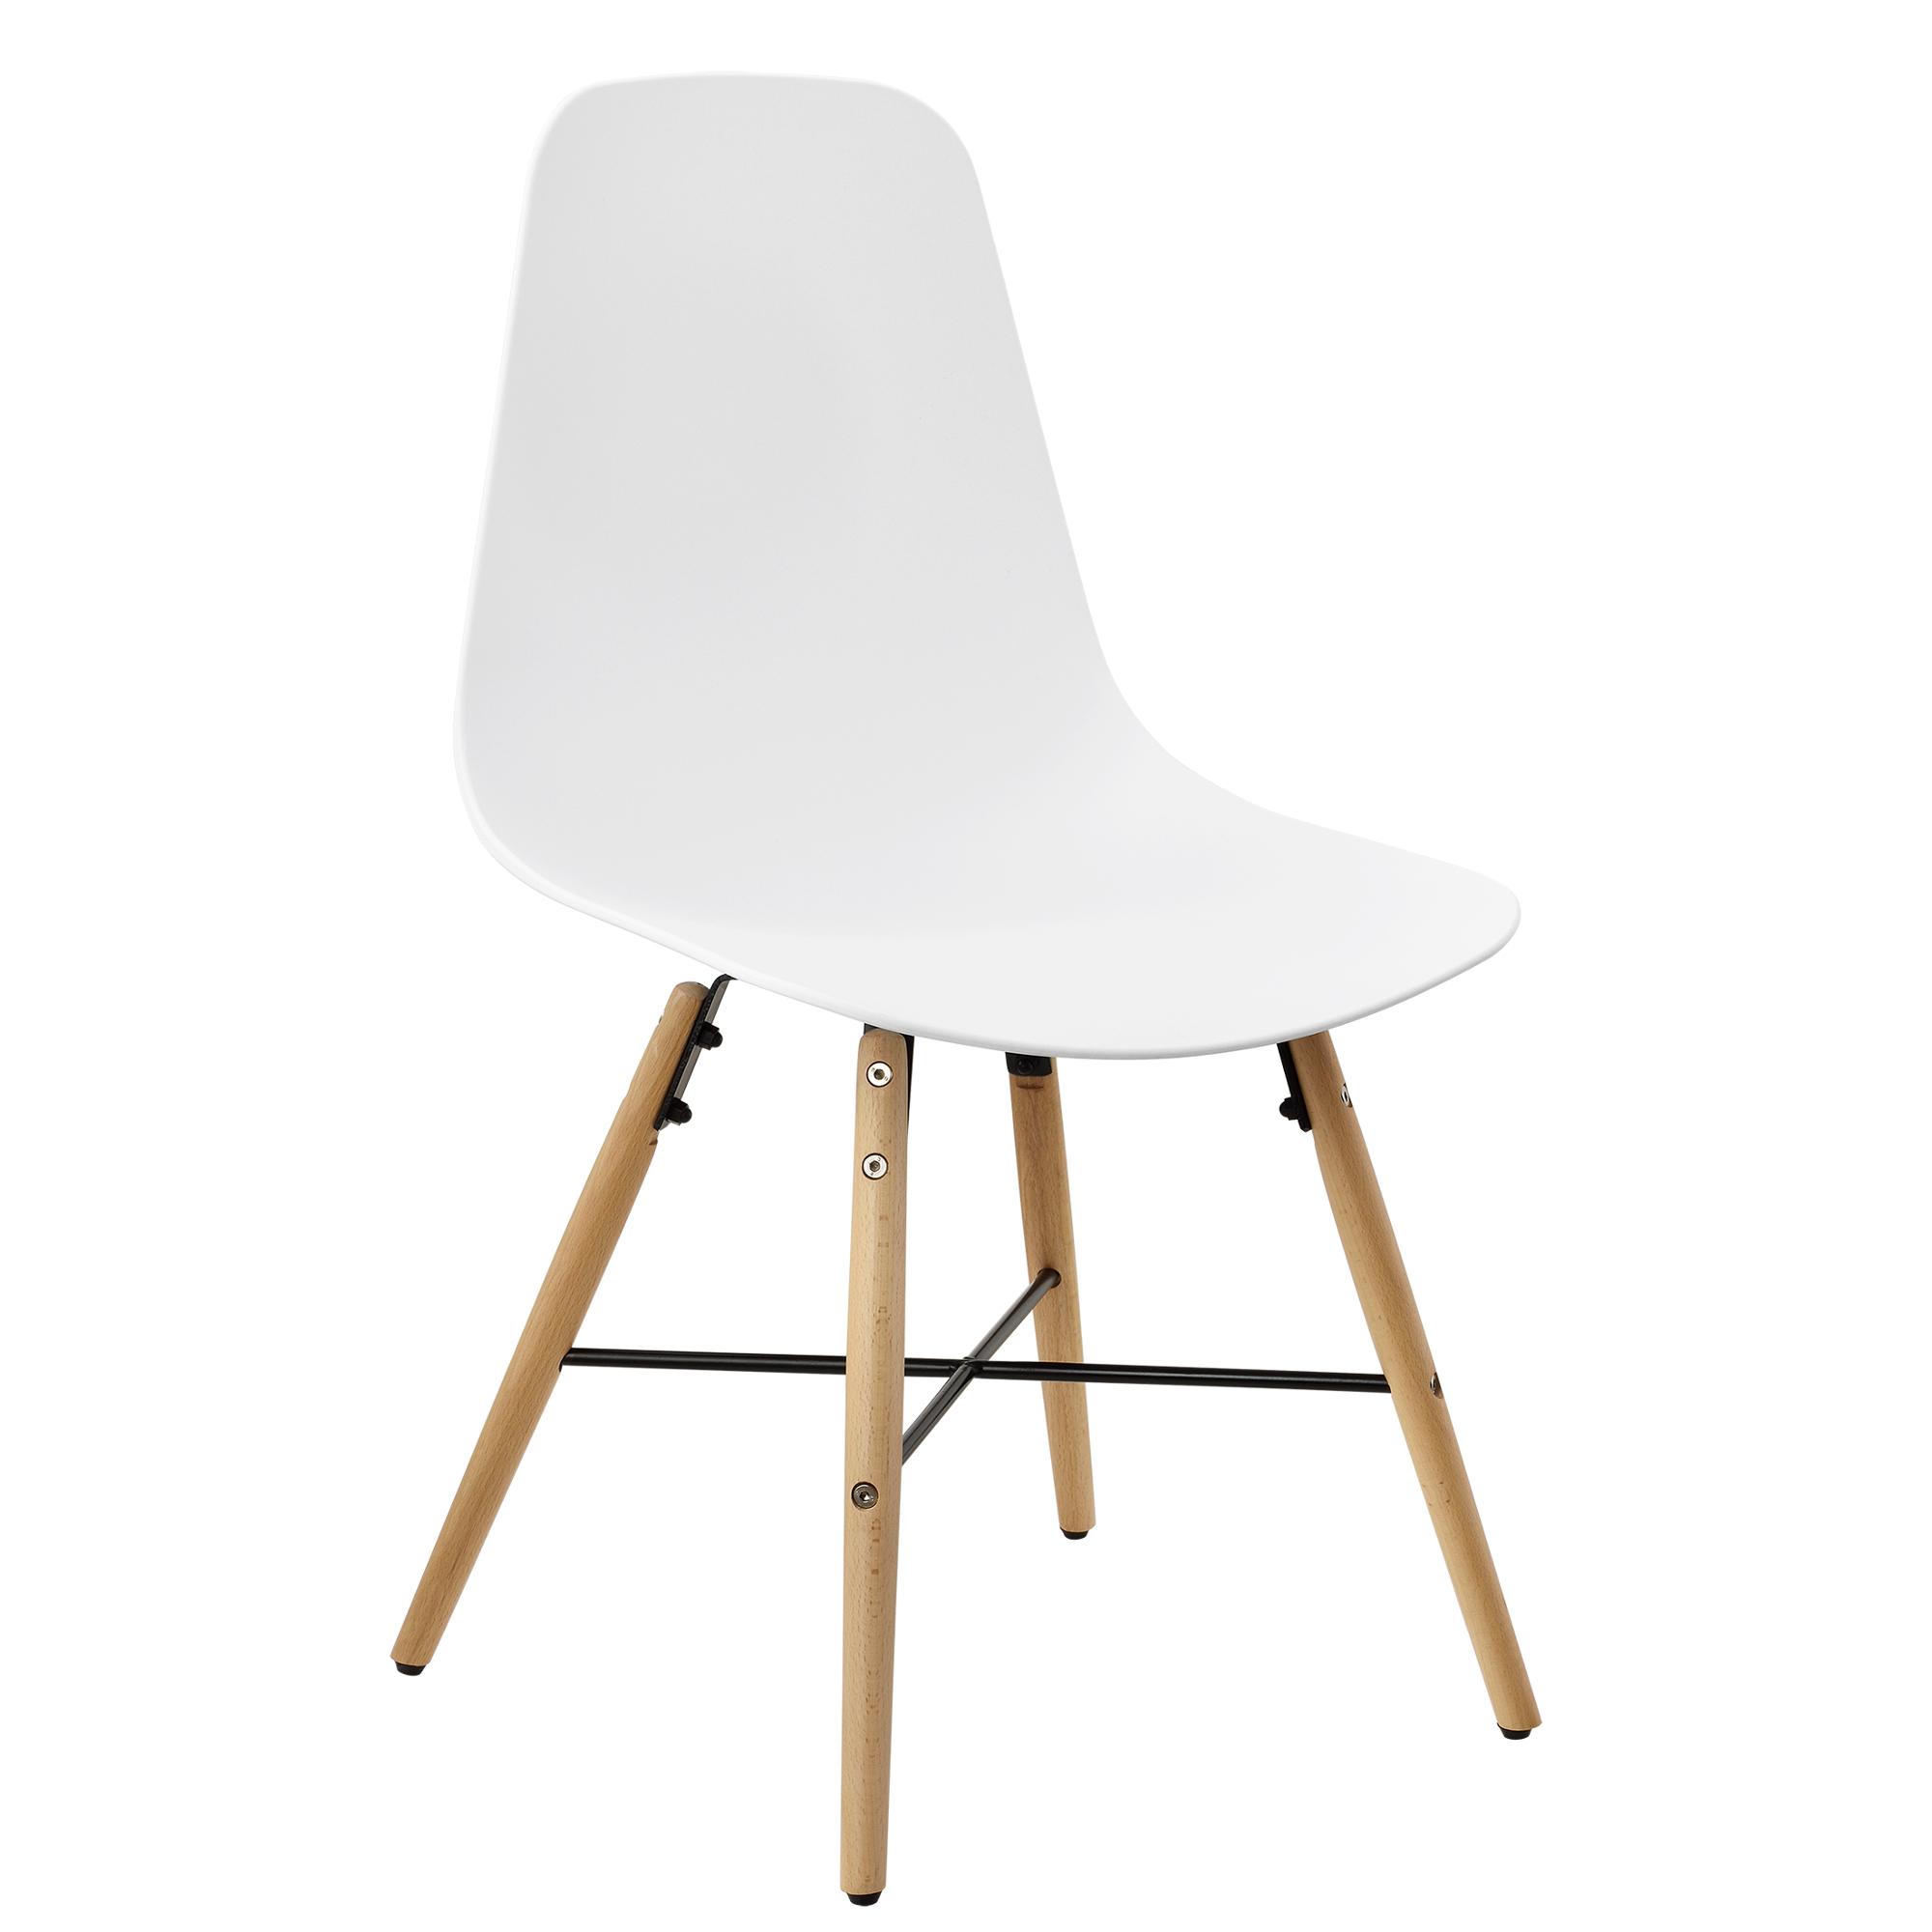 en.casa] Set de 6 sillas de comedor blancas plástico diseño retro ...